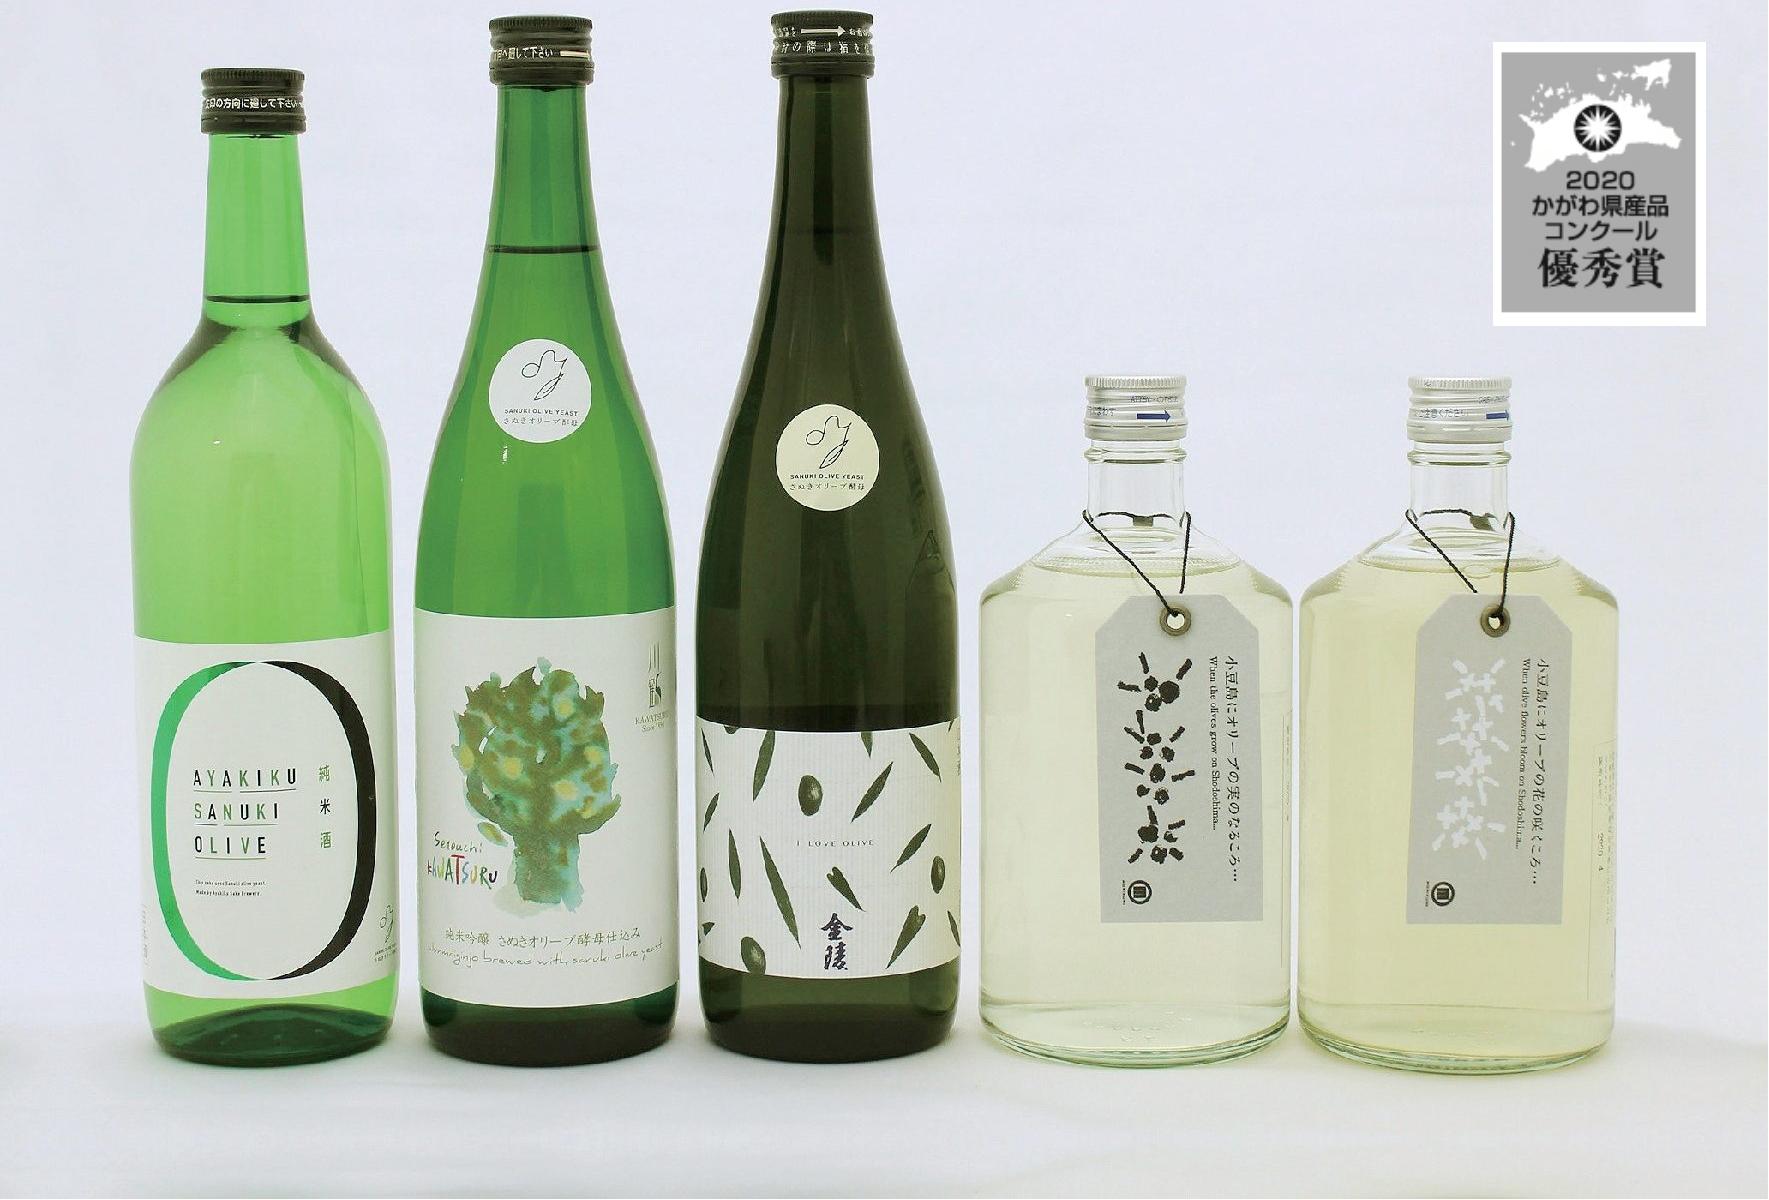 さぬきオリーブ酵母の地酒の写真